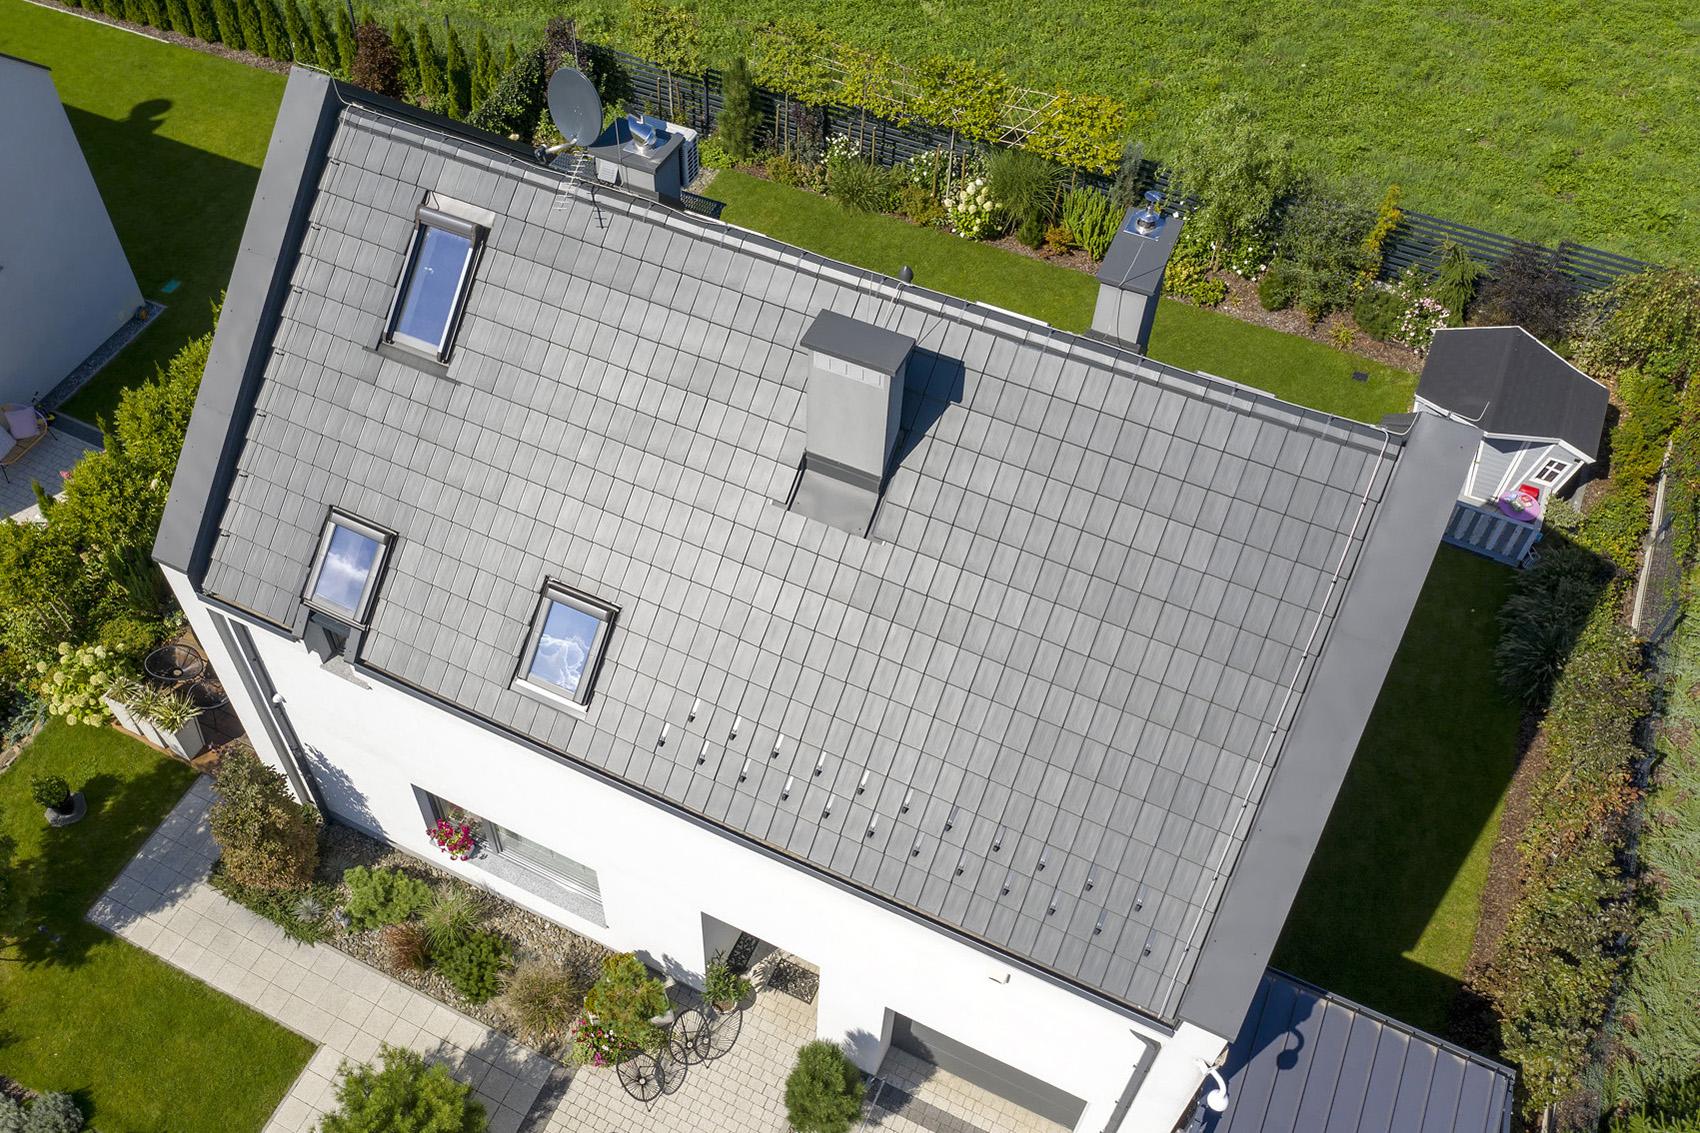 Dachówka ceramiczna w nowoczesnym budownictwie energooszczędnym